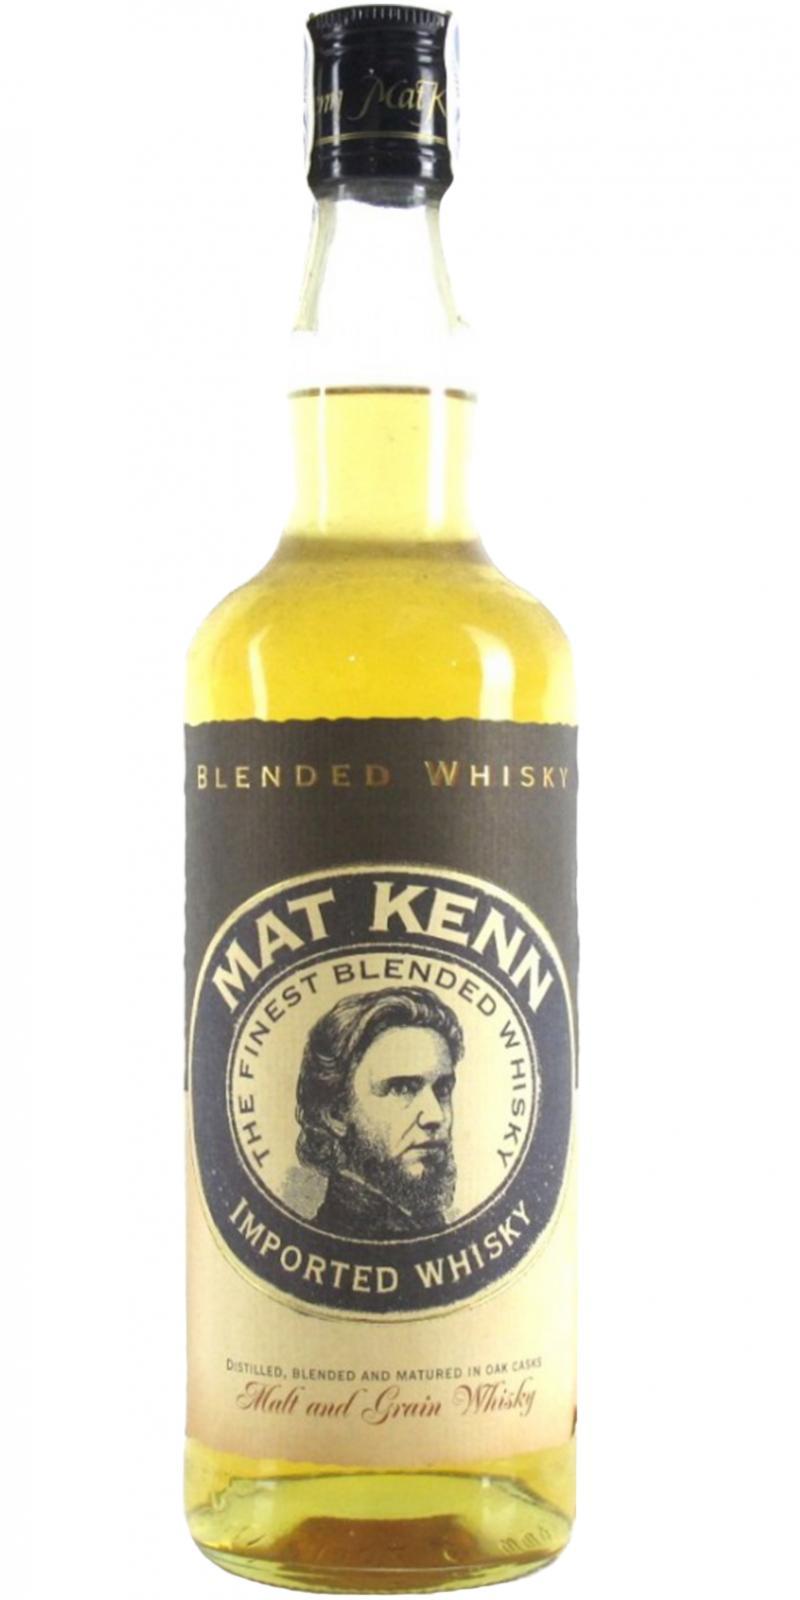 Blended Whisky Mat Kenn